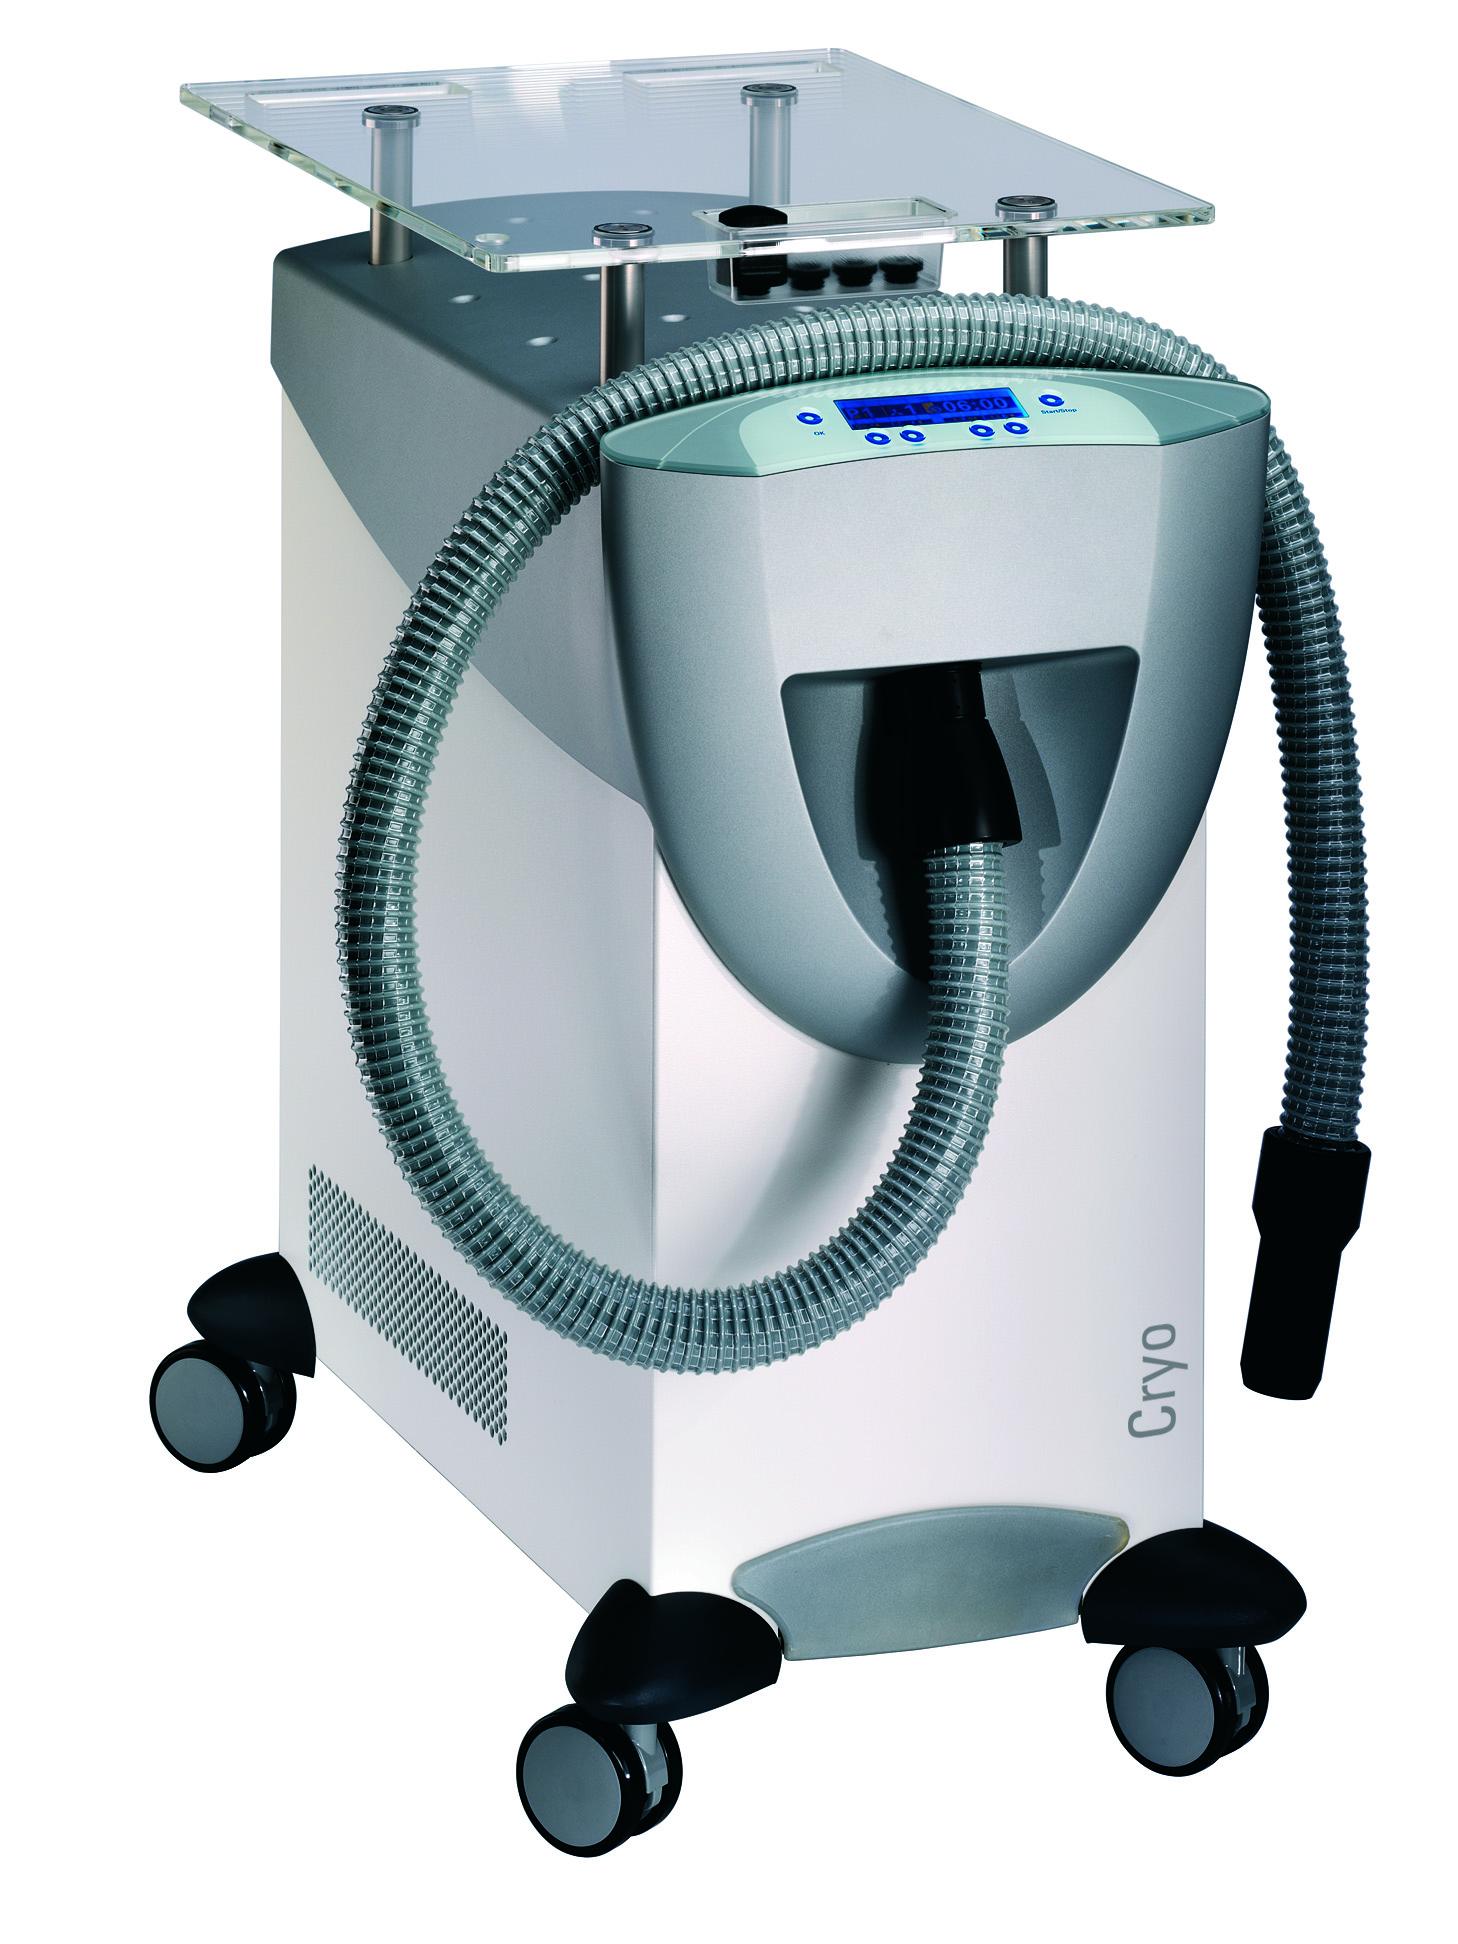 Cryo 6 – Kylbehandlingsutrustning Från Zimmer